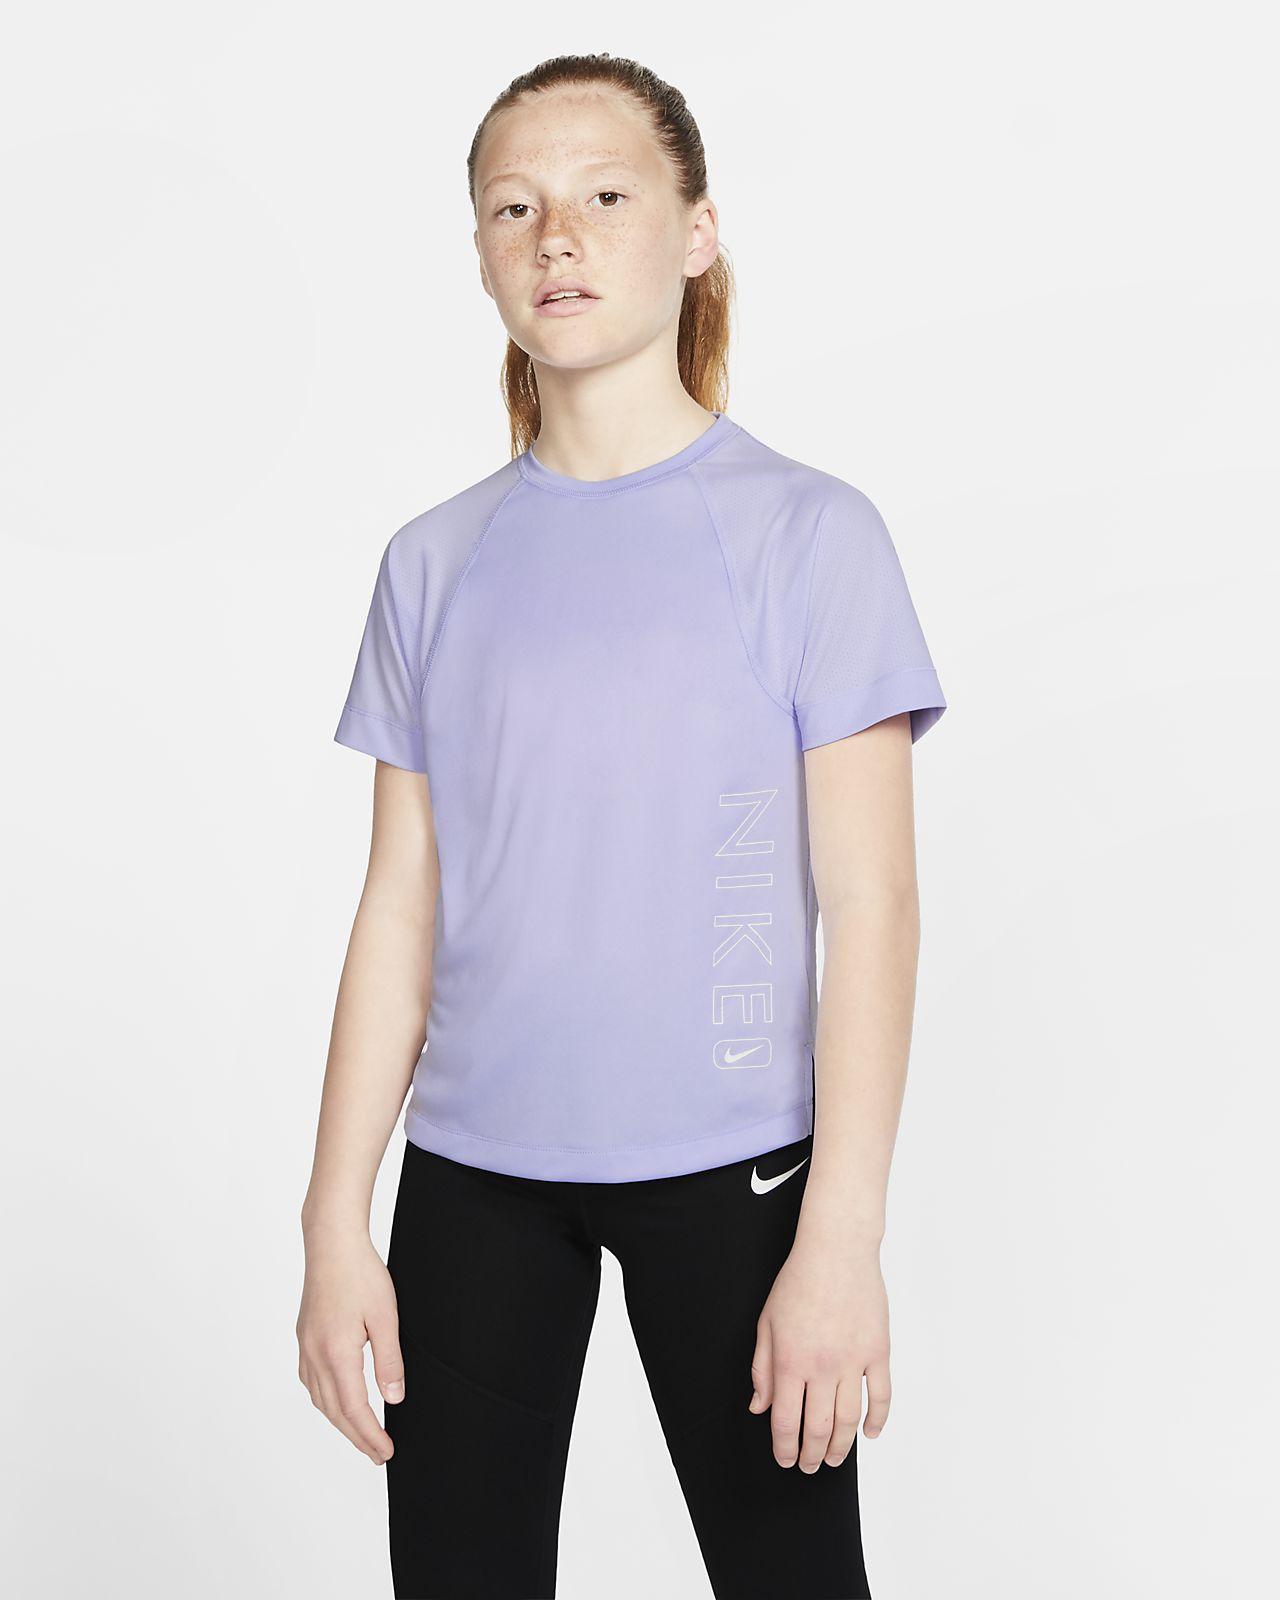 Nike Dri-FIT-træningsoverdel med grafik og korte ærmer til store børn (piger)